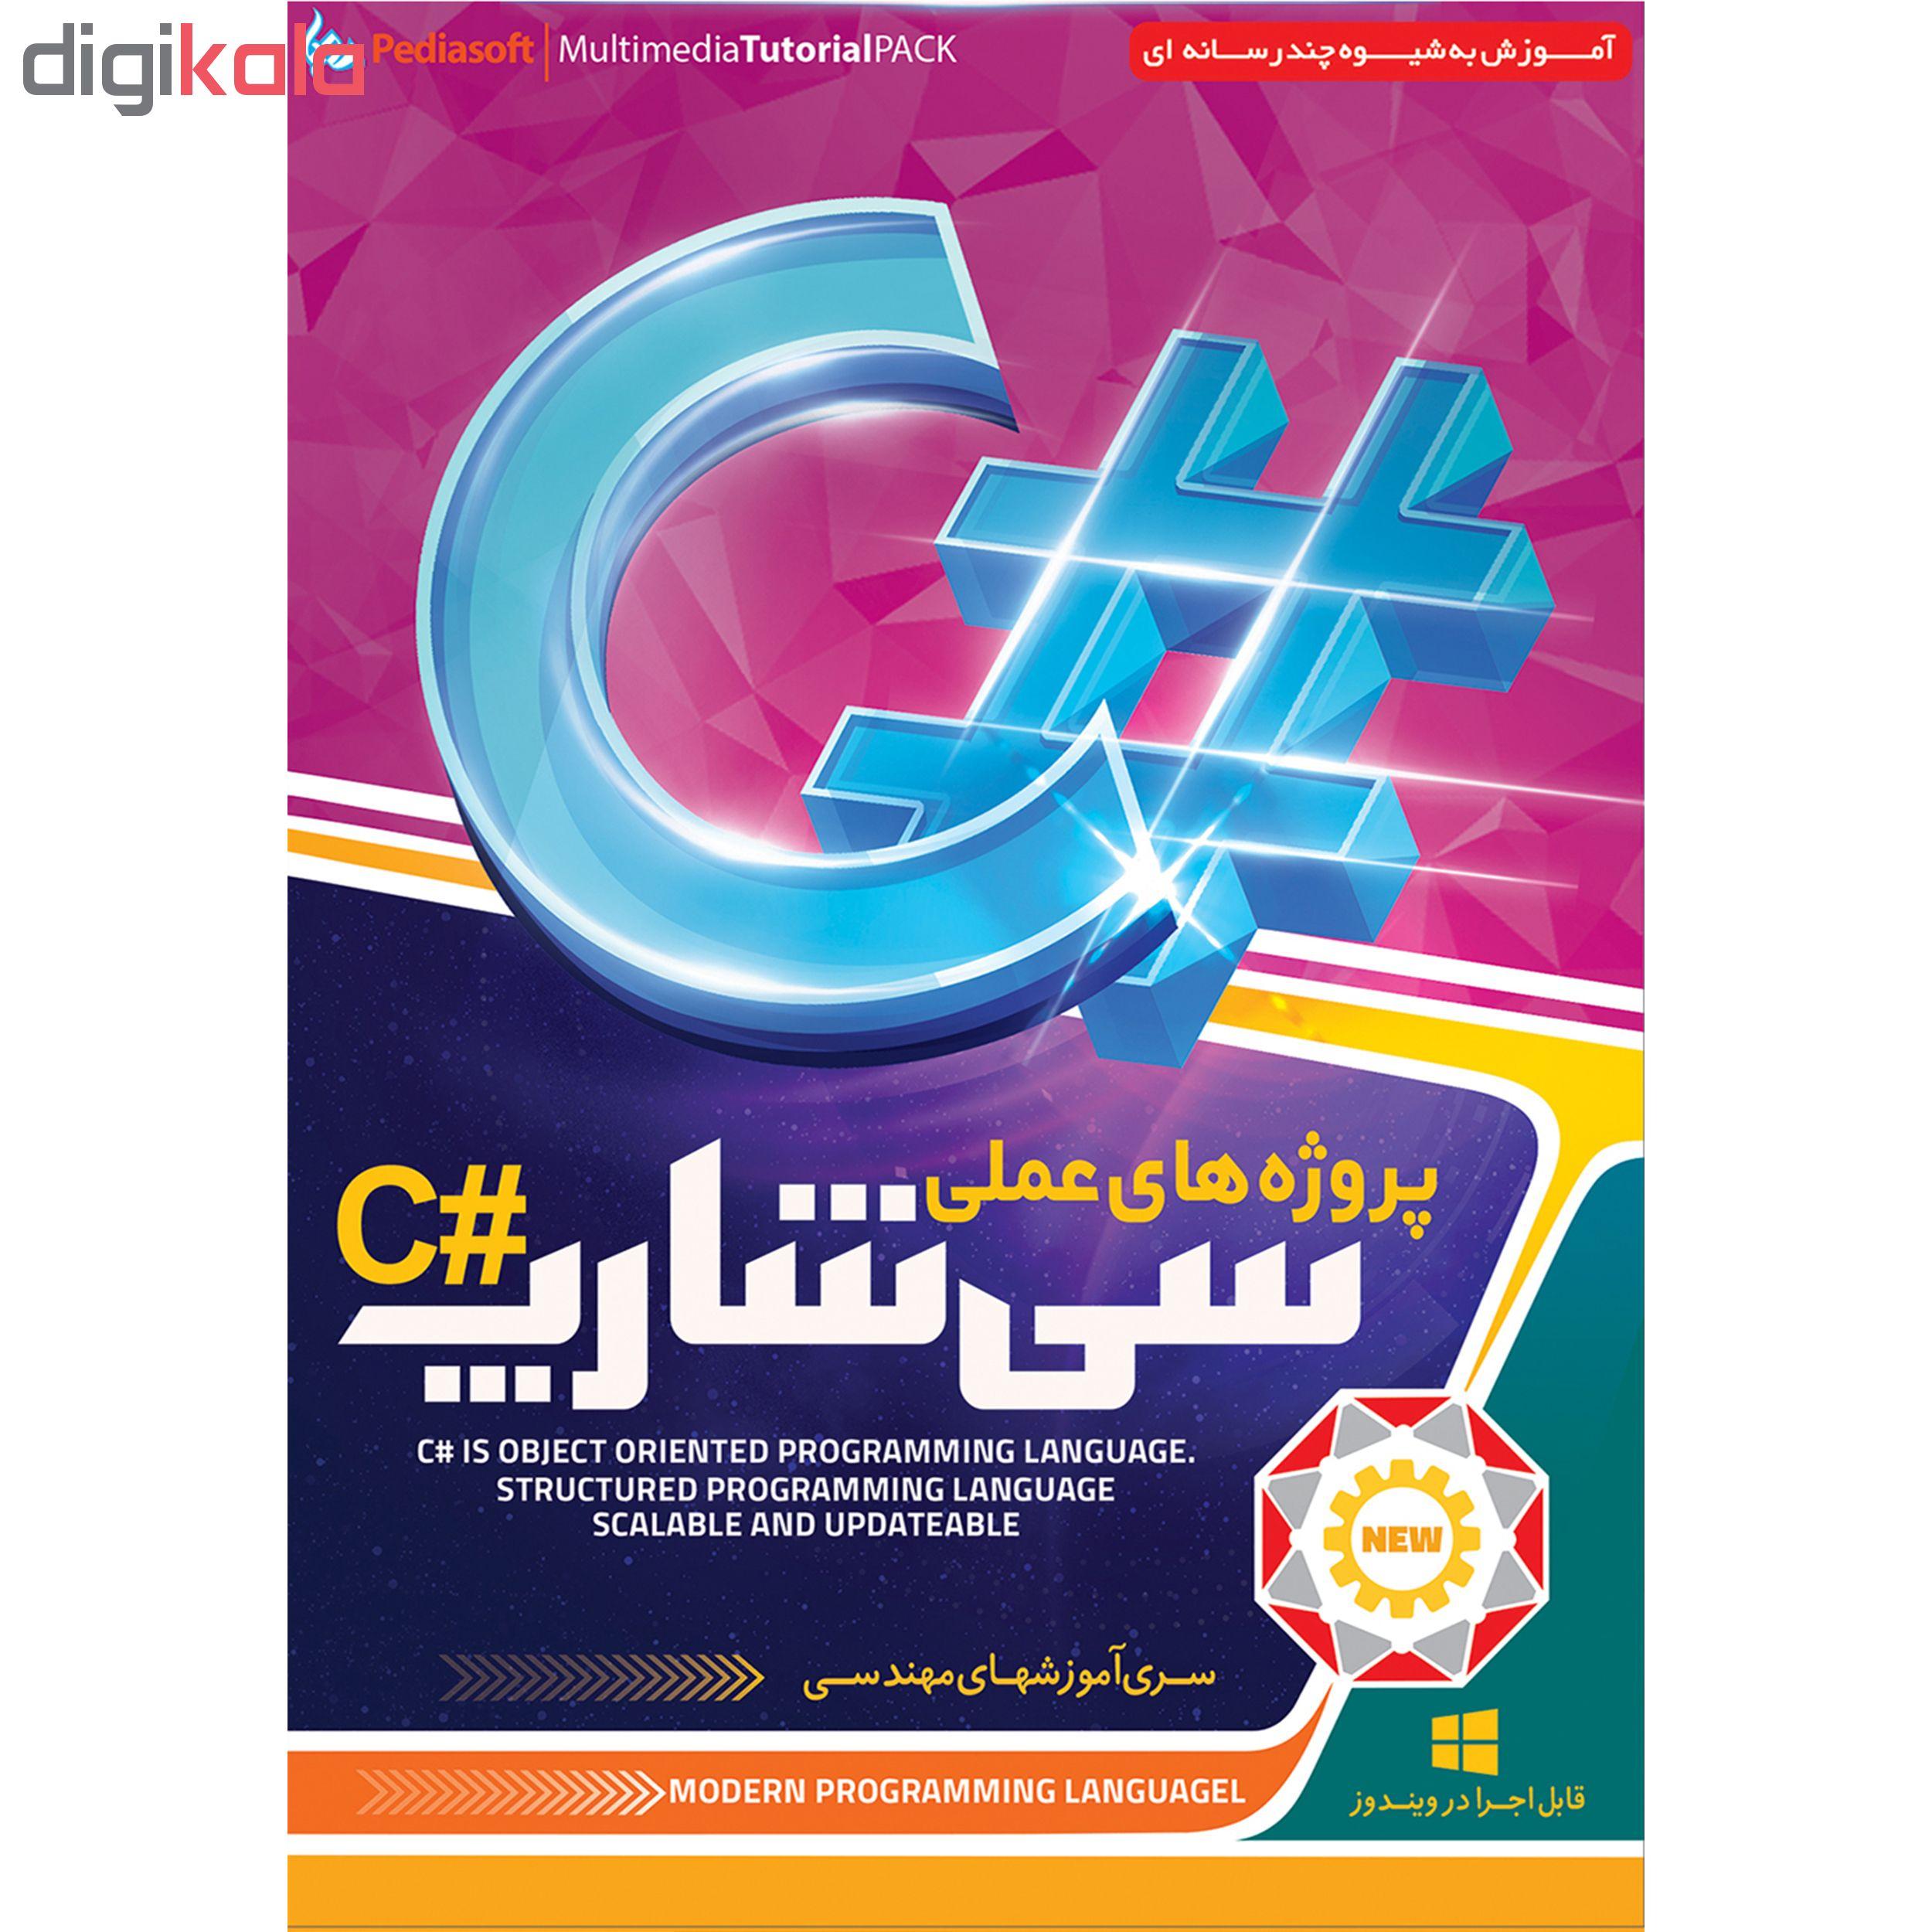 نرم افزار آموزش برنامه نویسی ++C نشر پدیده به همراه نرم افزار آموزش پروژه های عملی سی شارپ #C نشر پدیا سافت